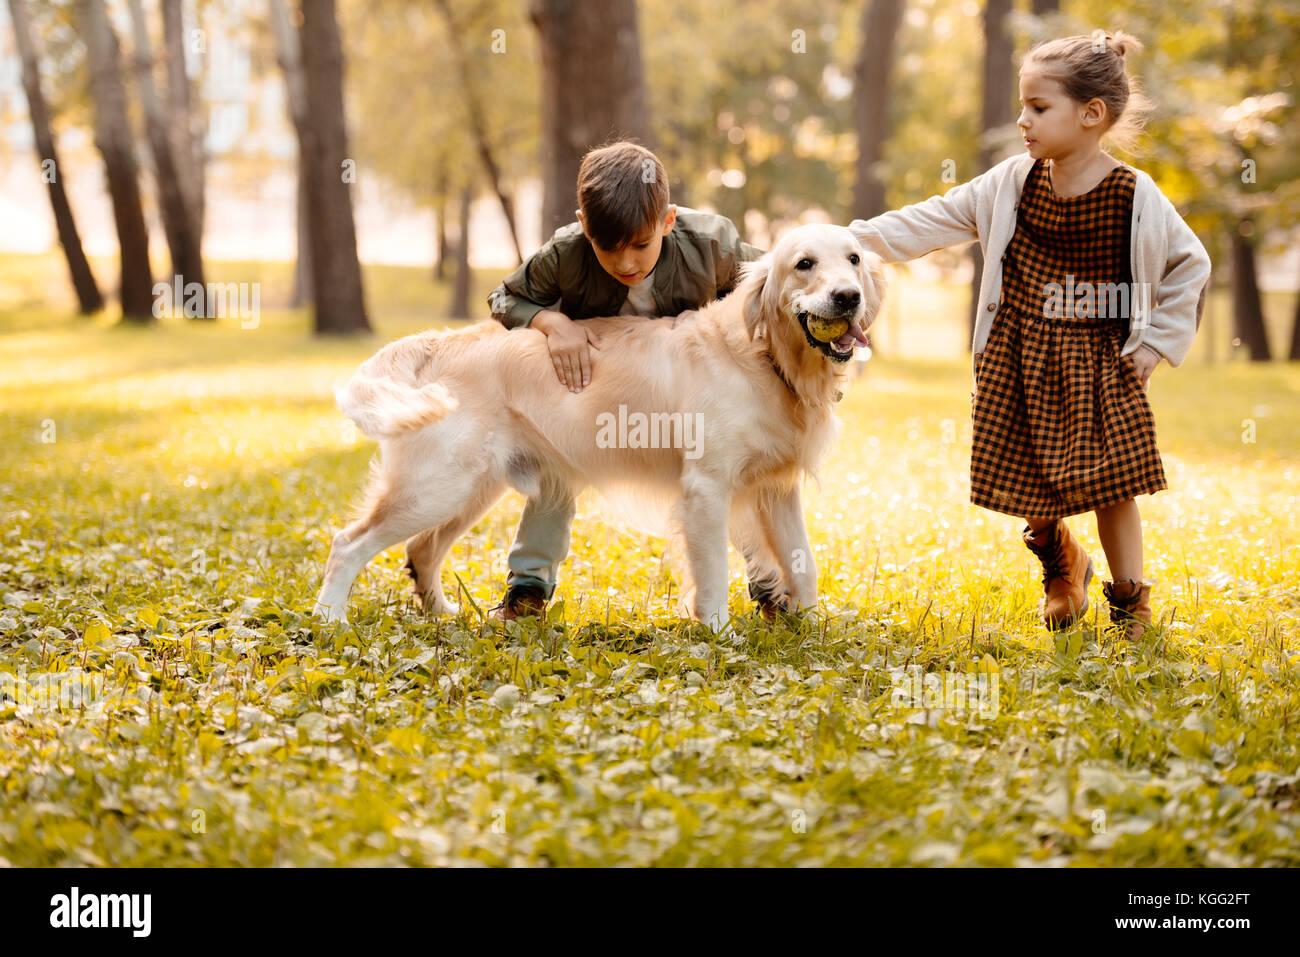 Niños acariciándole perro Imagen De Stock